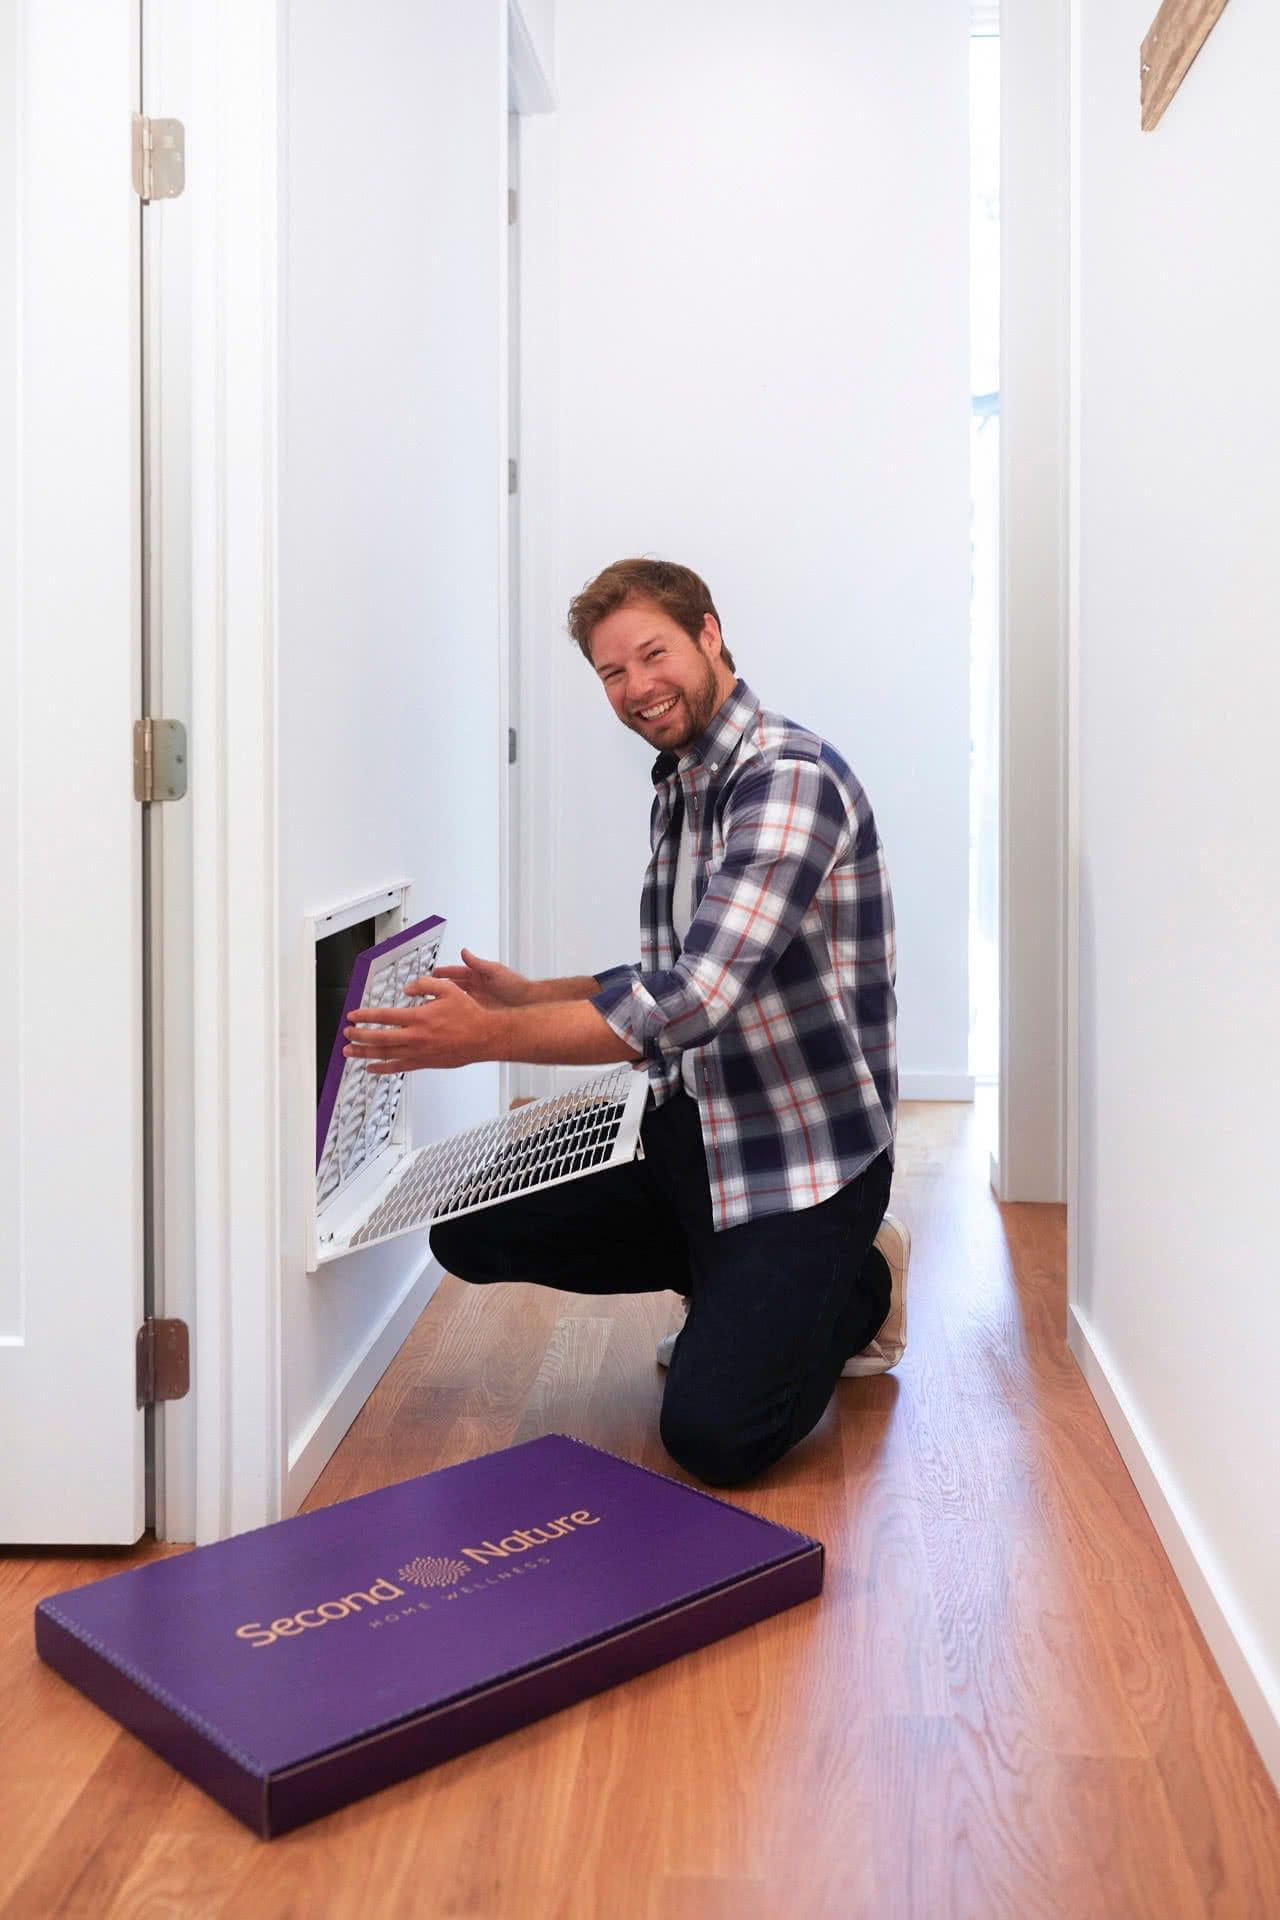 man replacing air filter in home